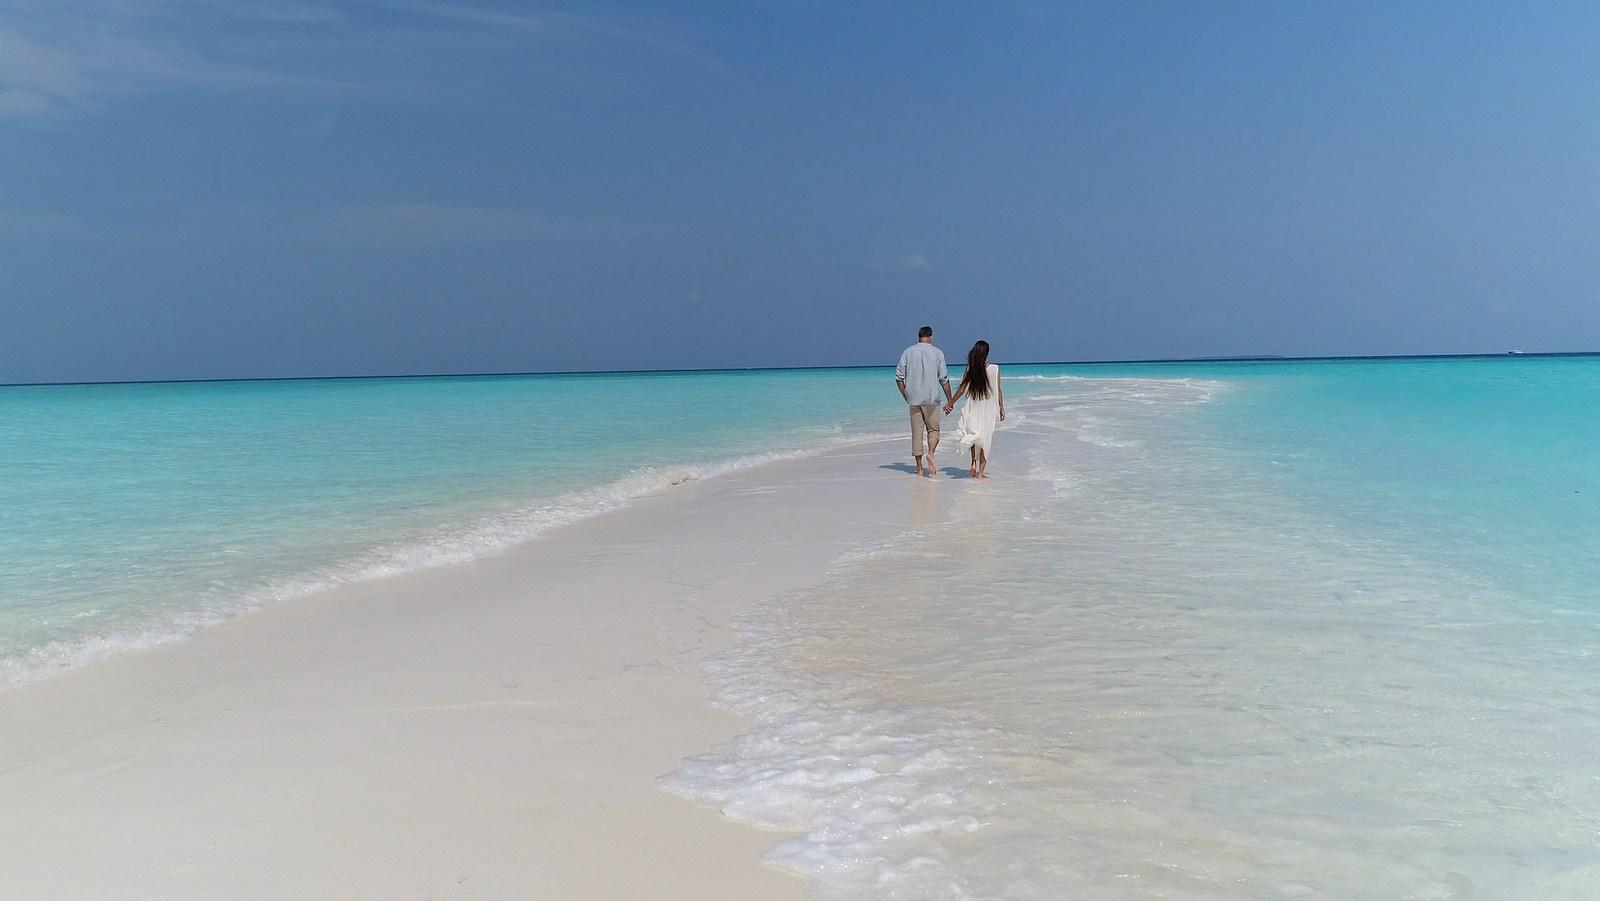 Мальдивы, отель The Nautilus Maldives, песчаная коса